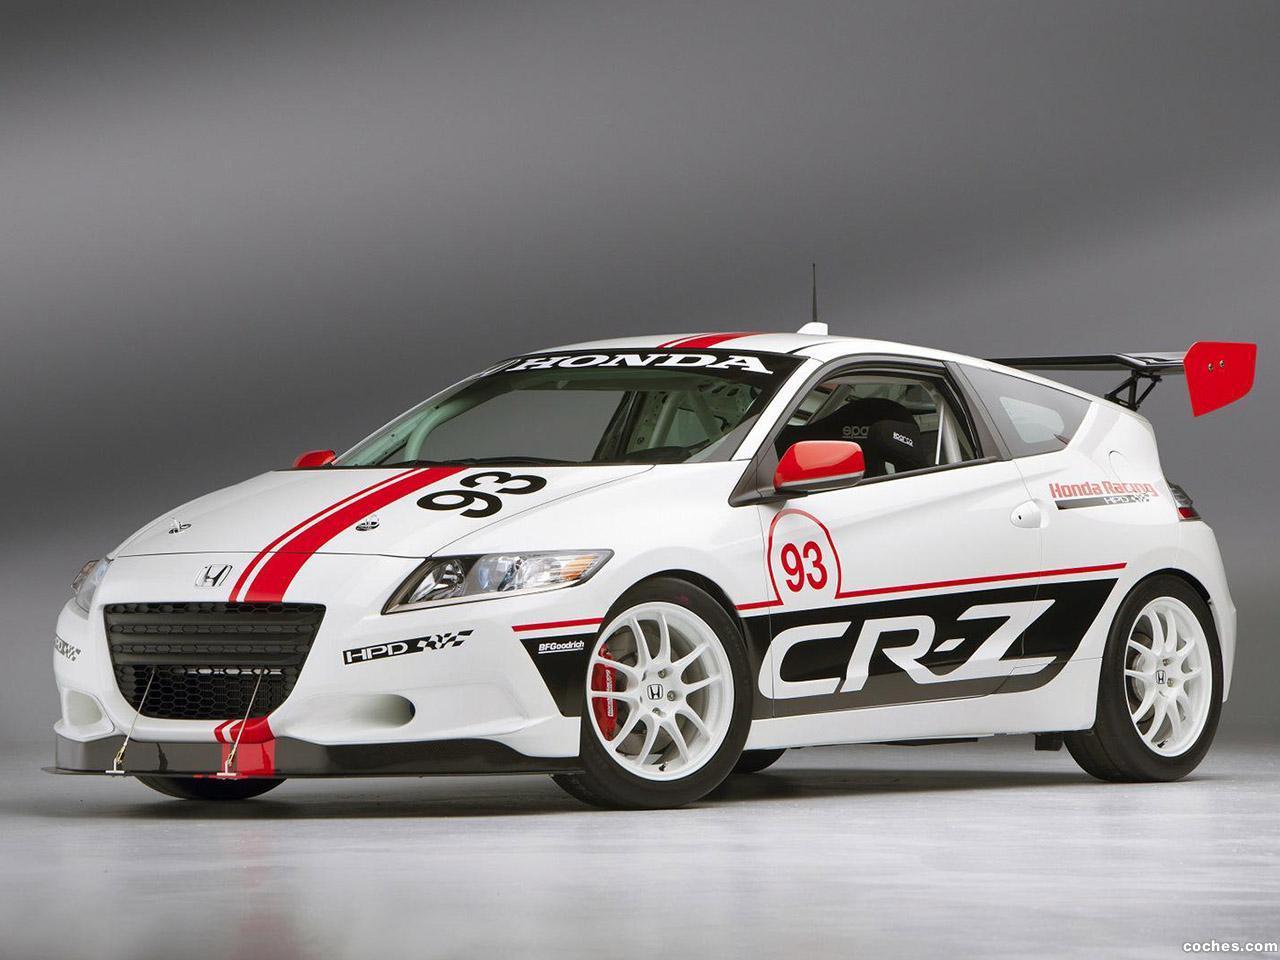 honda_crz-honda-racing-sema-2010_r2